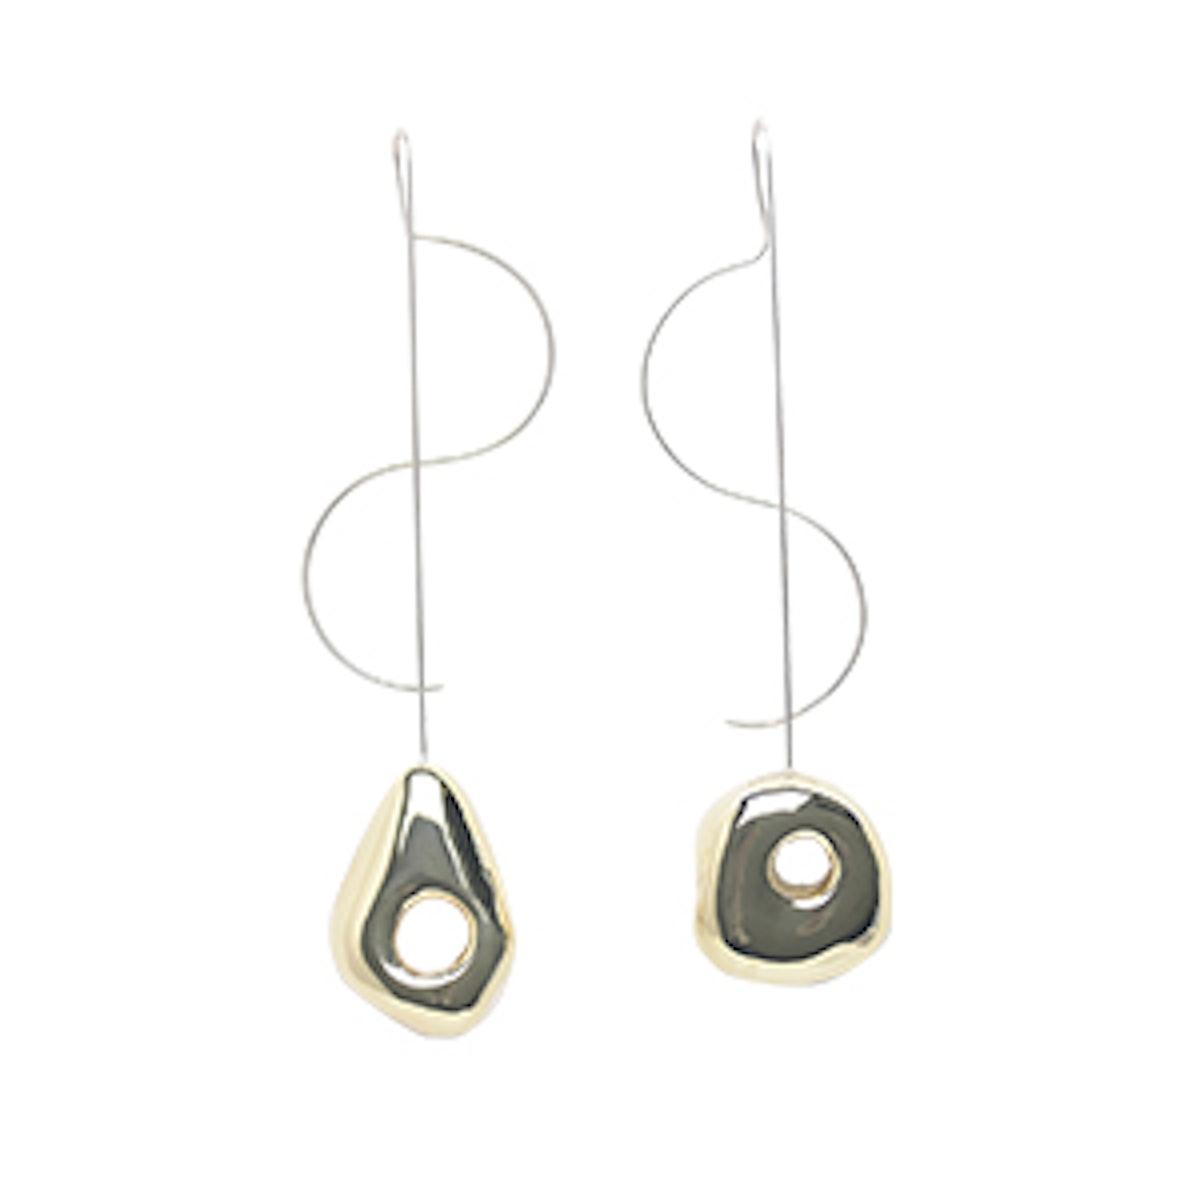 Two Tone Hepworth Drop Earrings